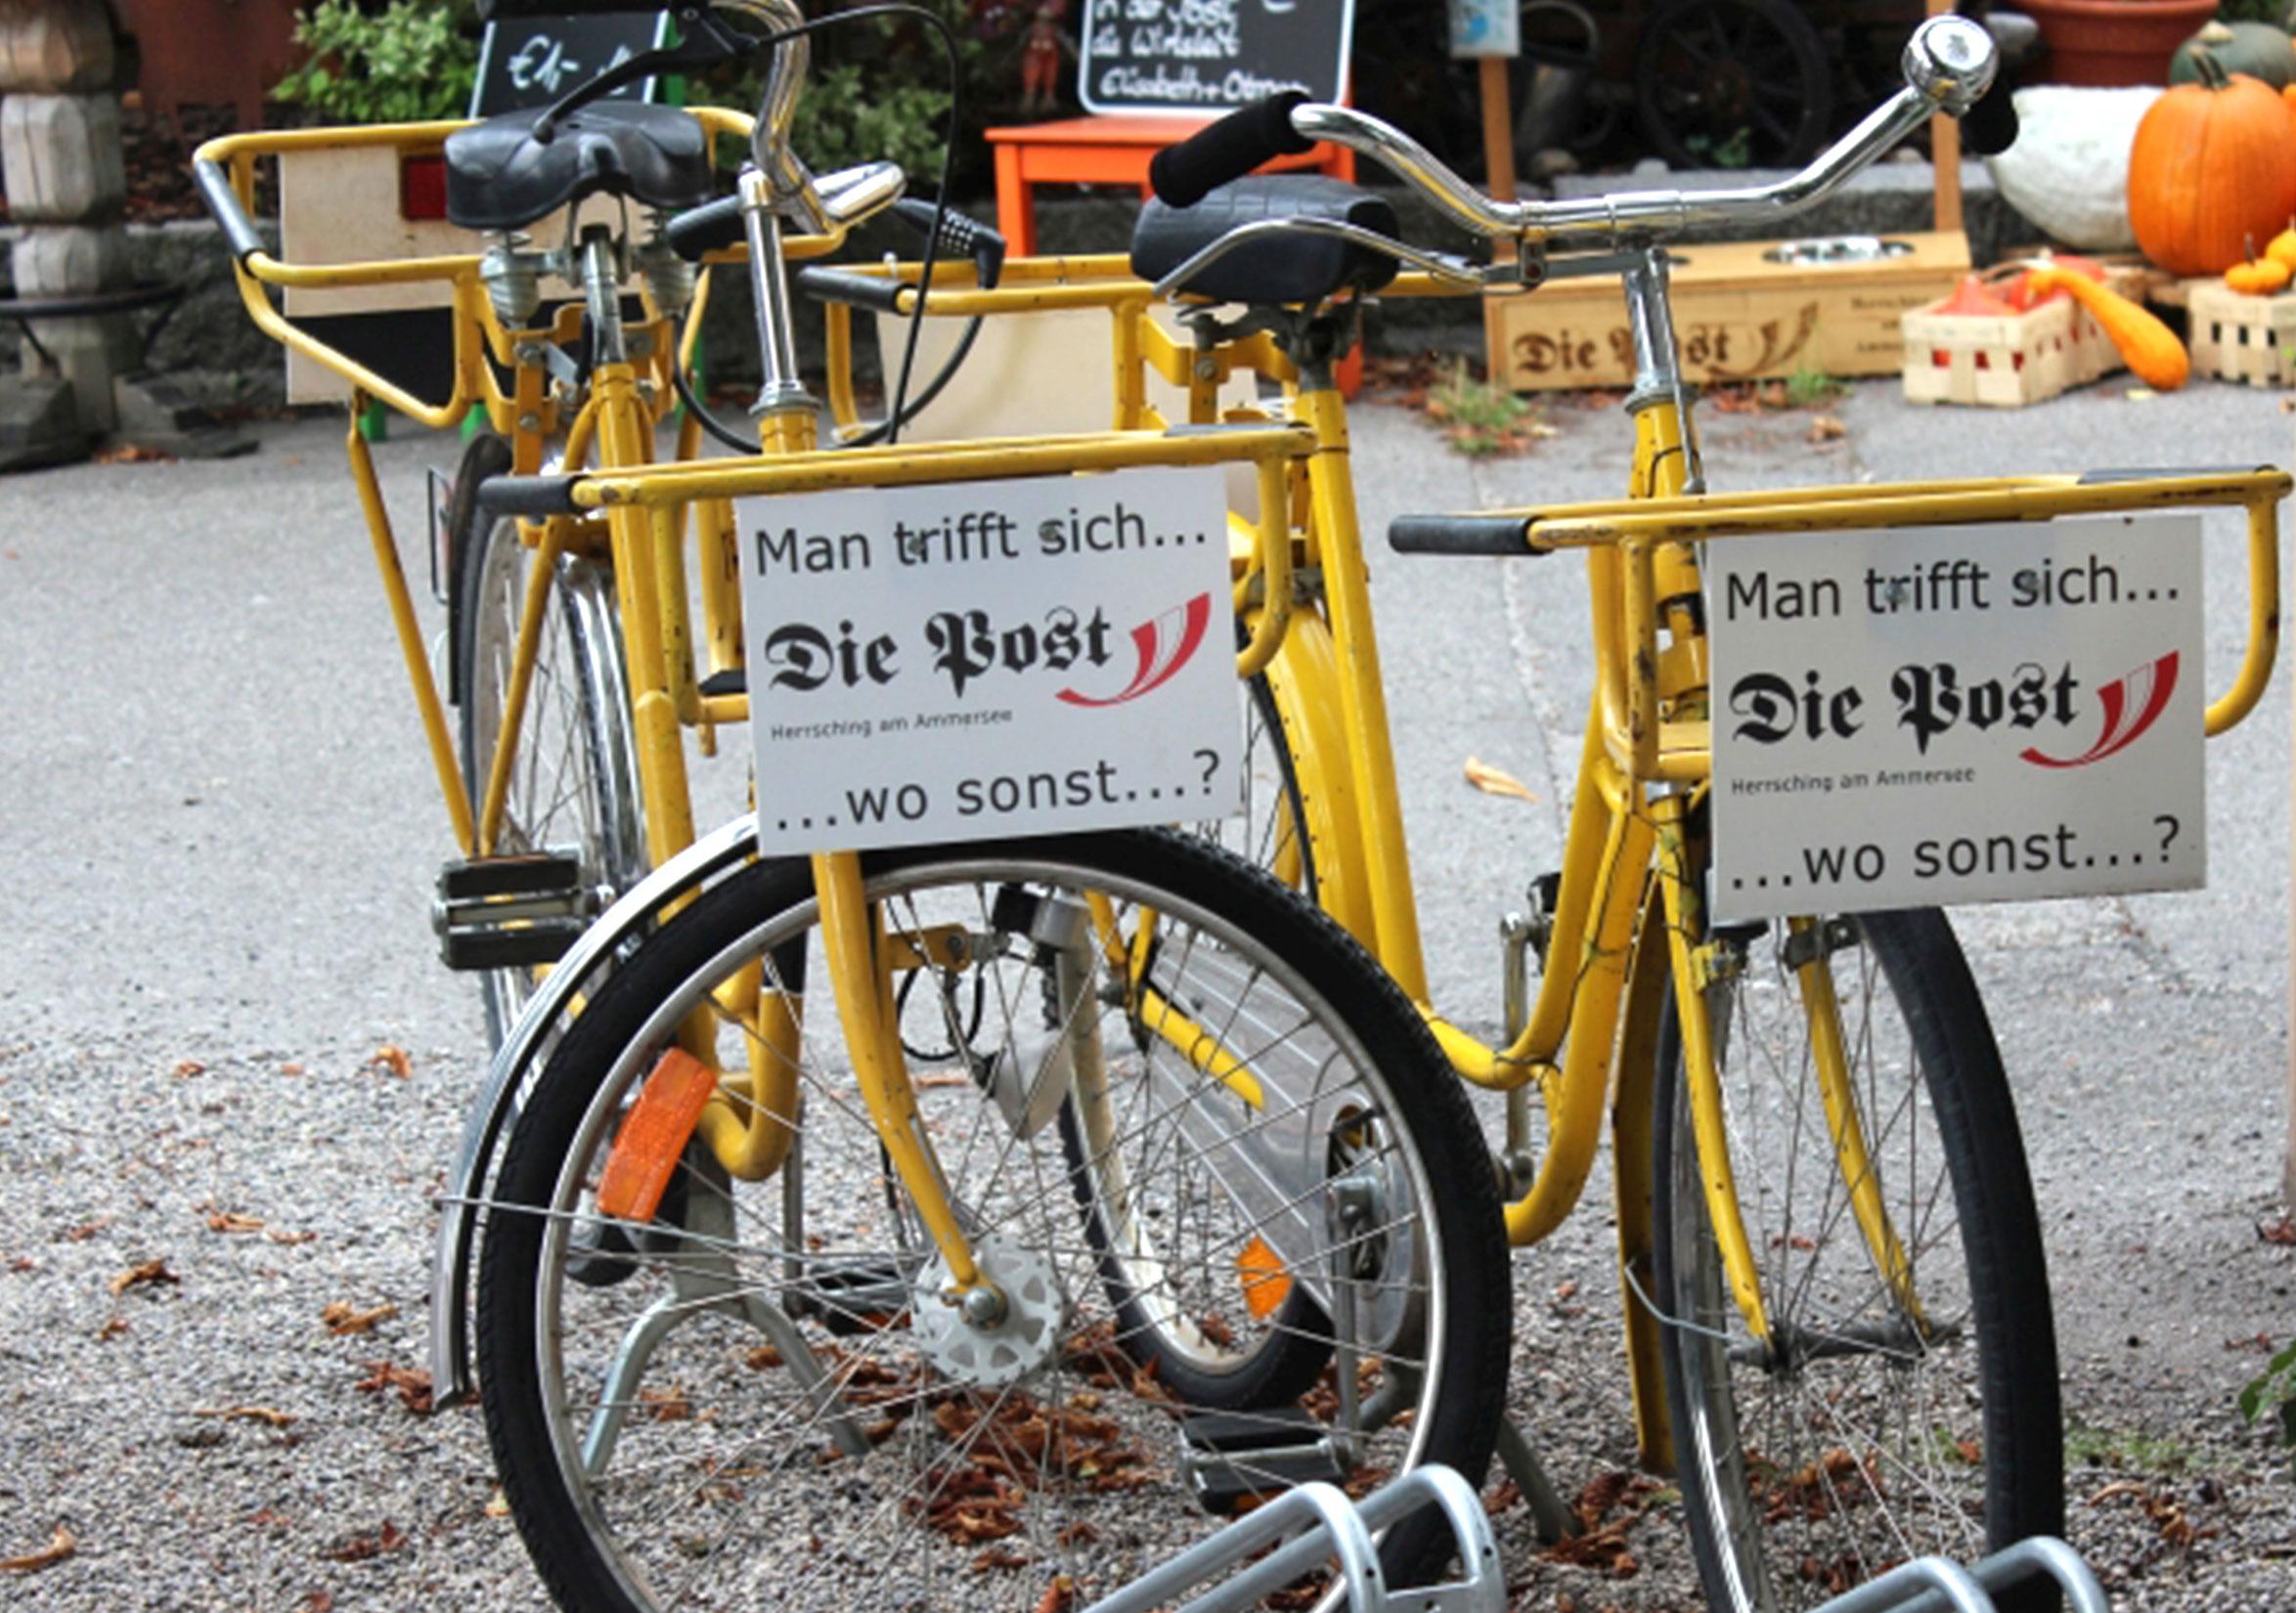 We're here by bike